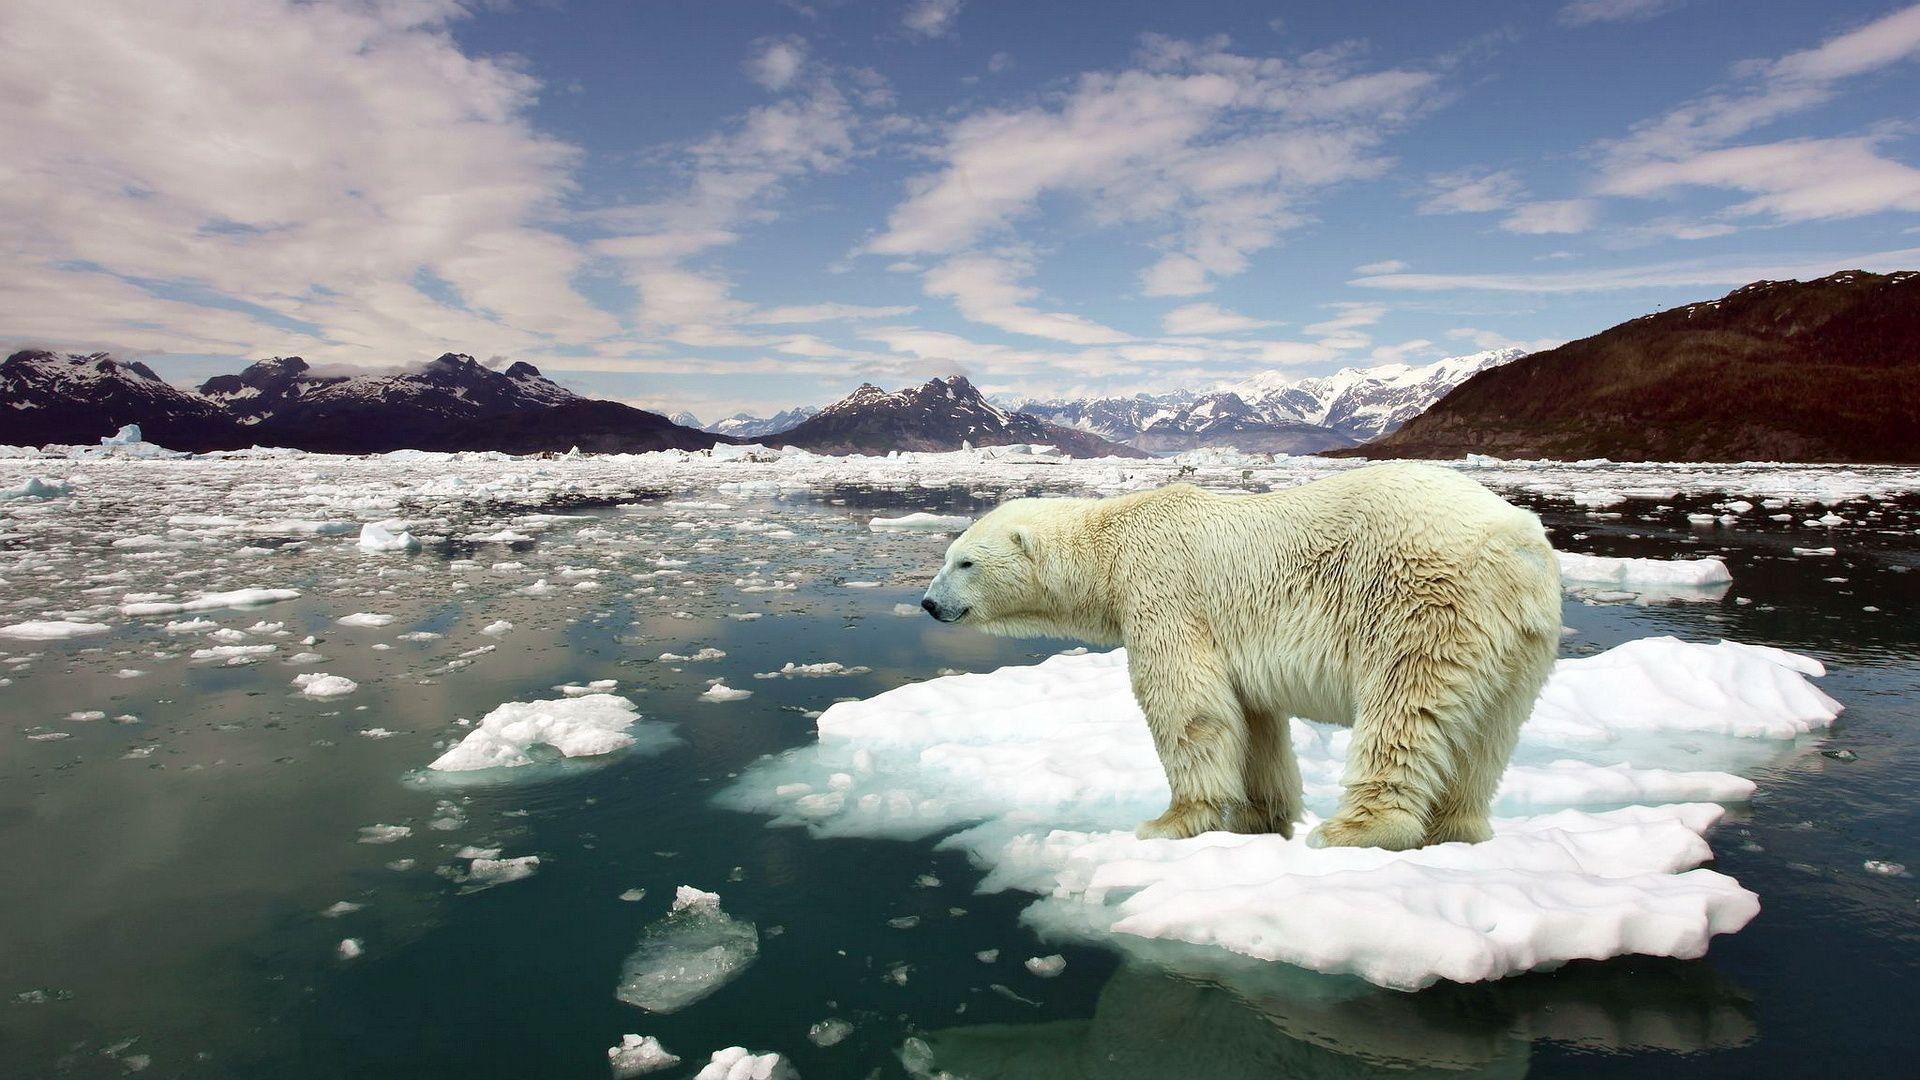 Де шукати правду про зміну клімату: три фактчекінгових проекти